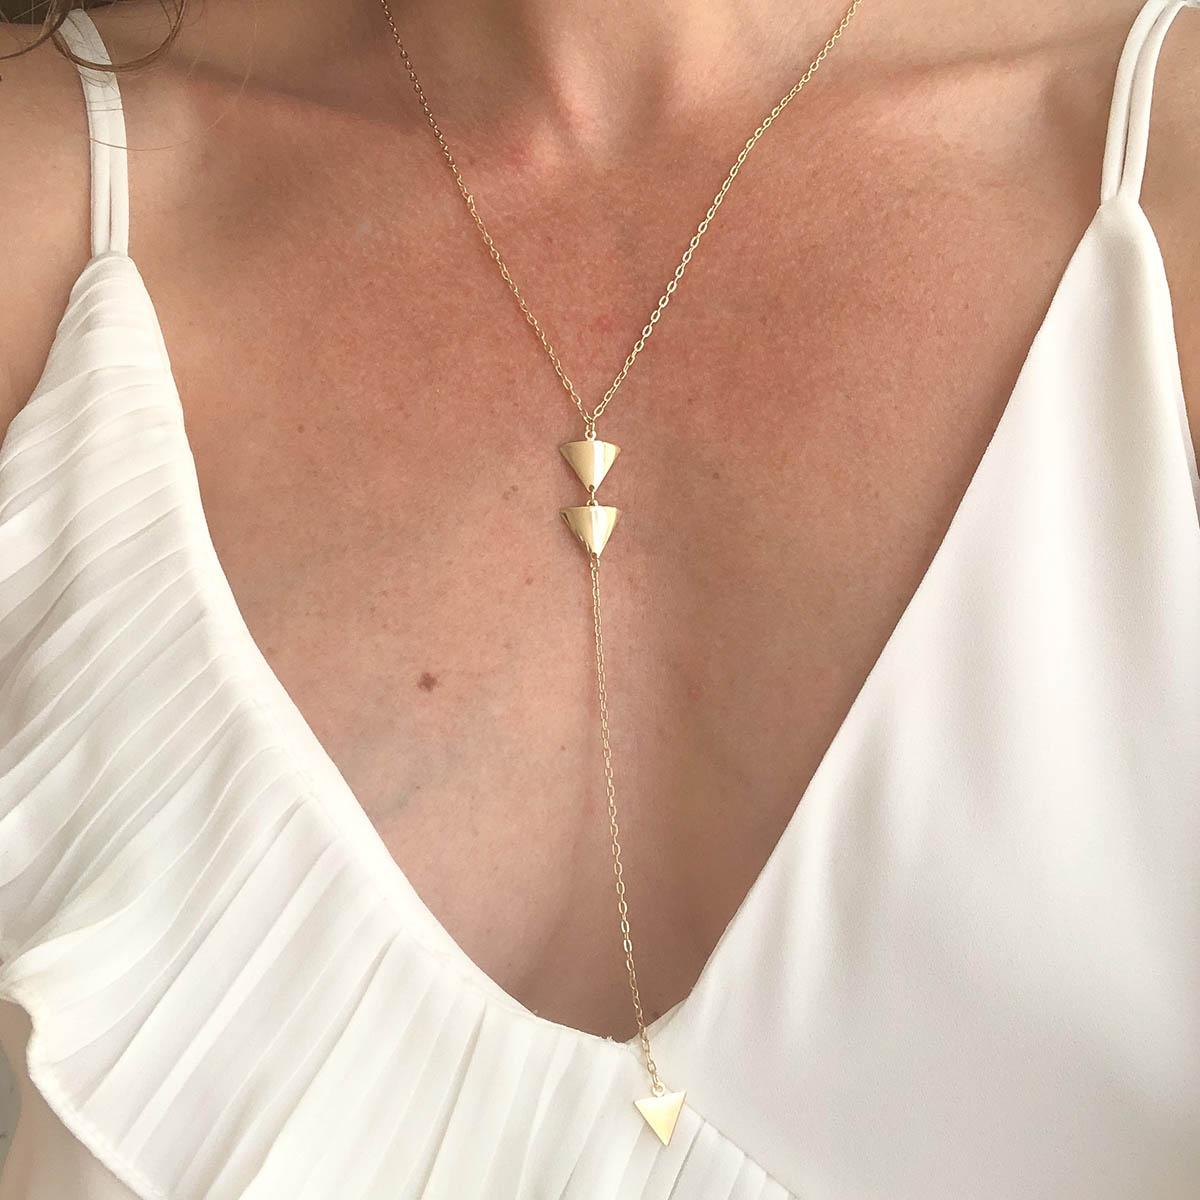 Colar Katia Gravatinha Banhado a Ouro 18k Pêndulo Triângulo Duplo